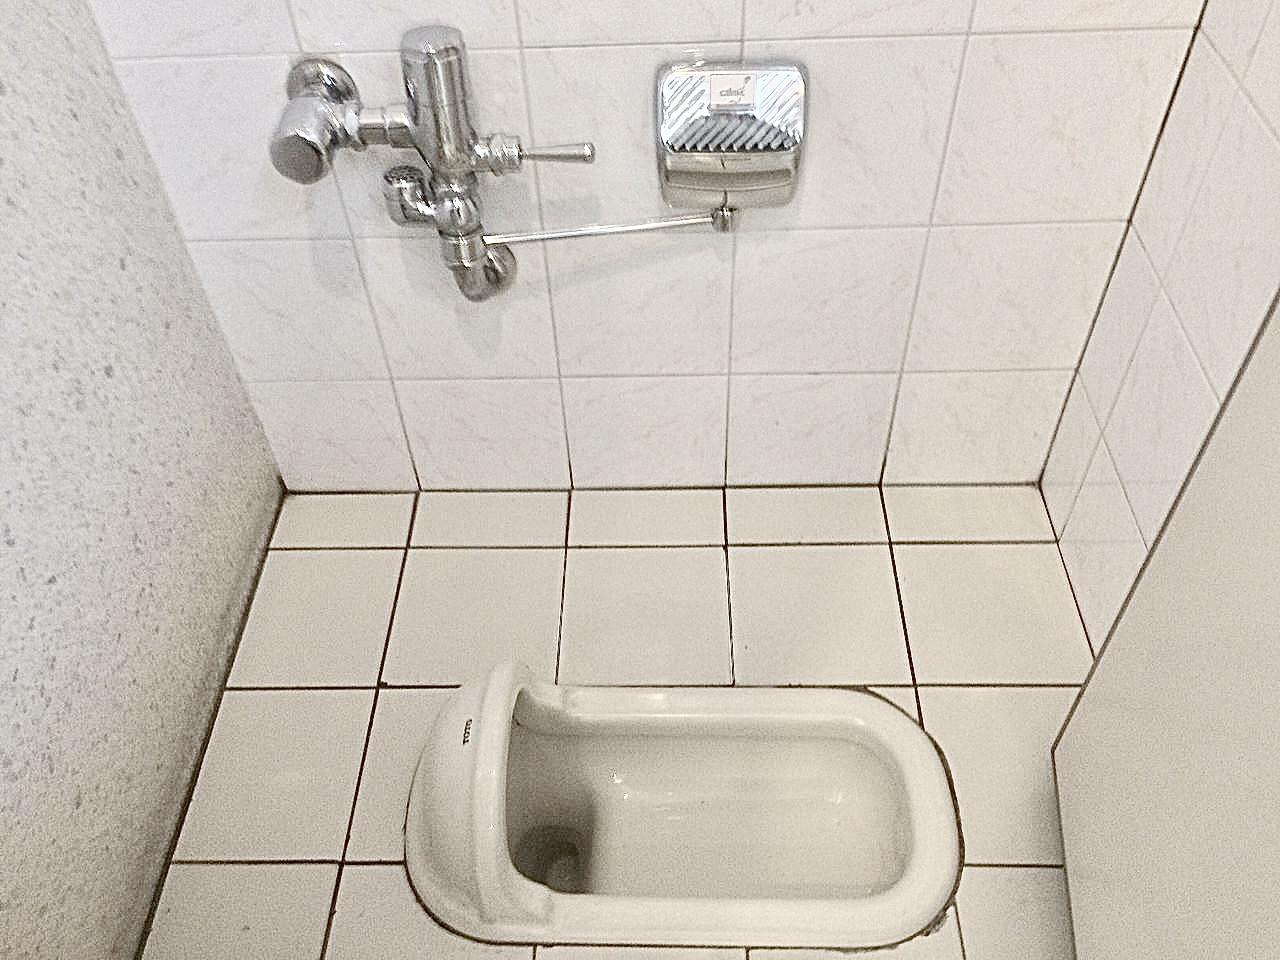 電車 の トイレ に スマホ 落とし た 男